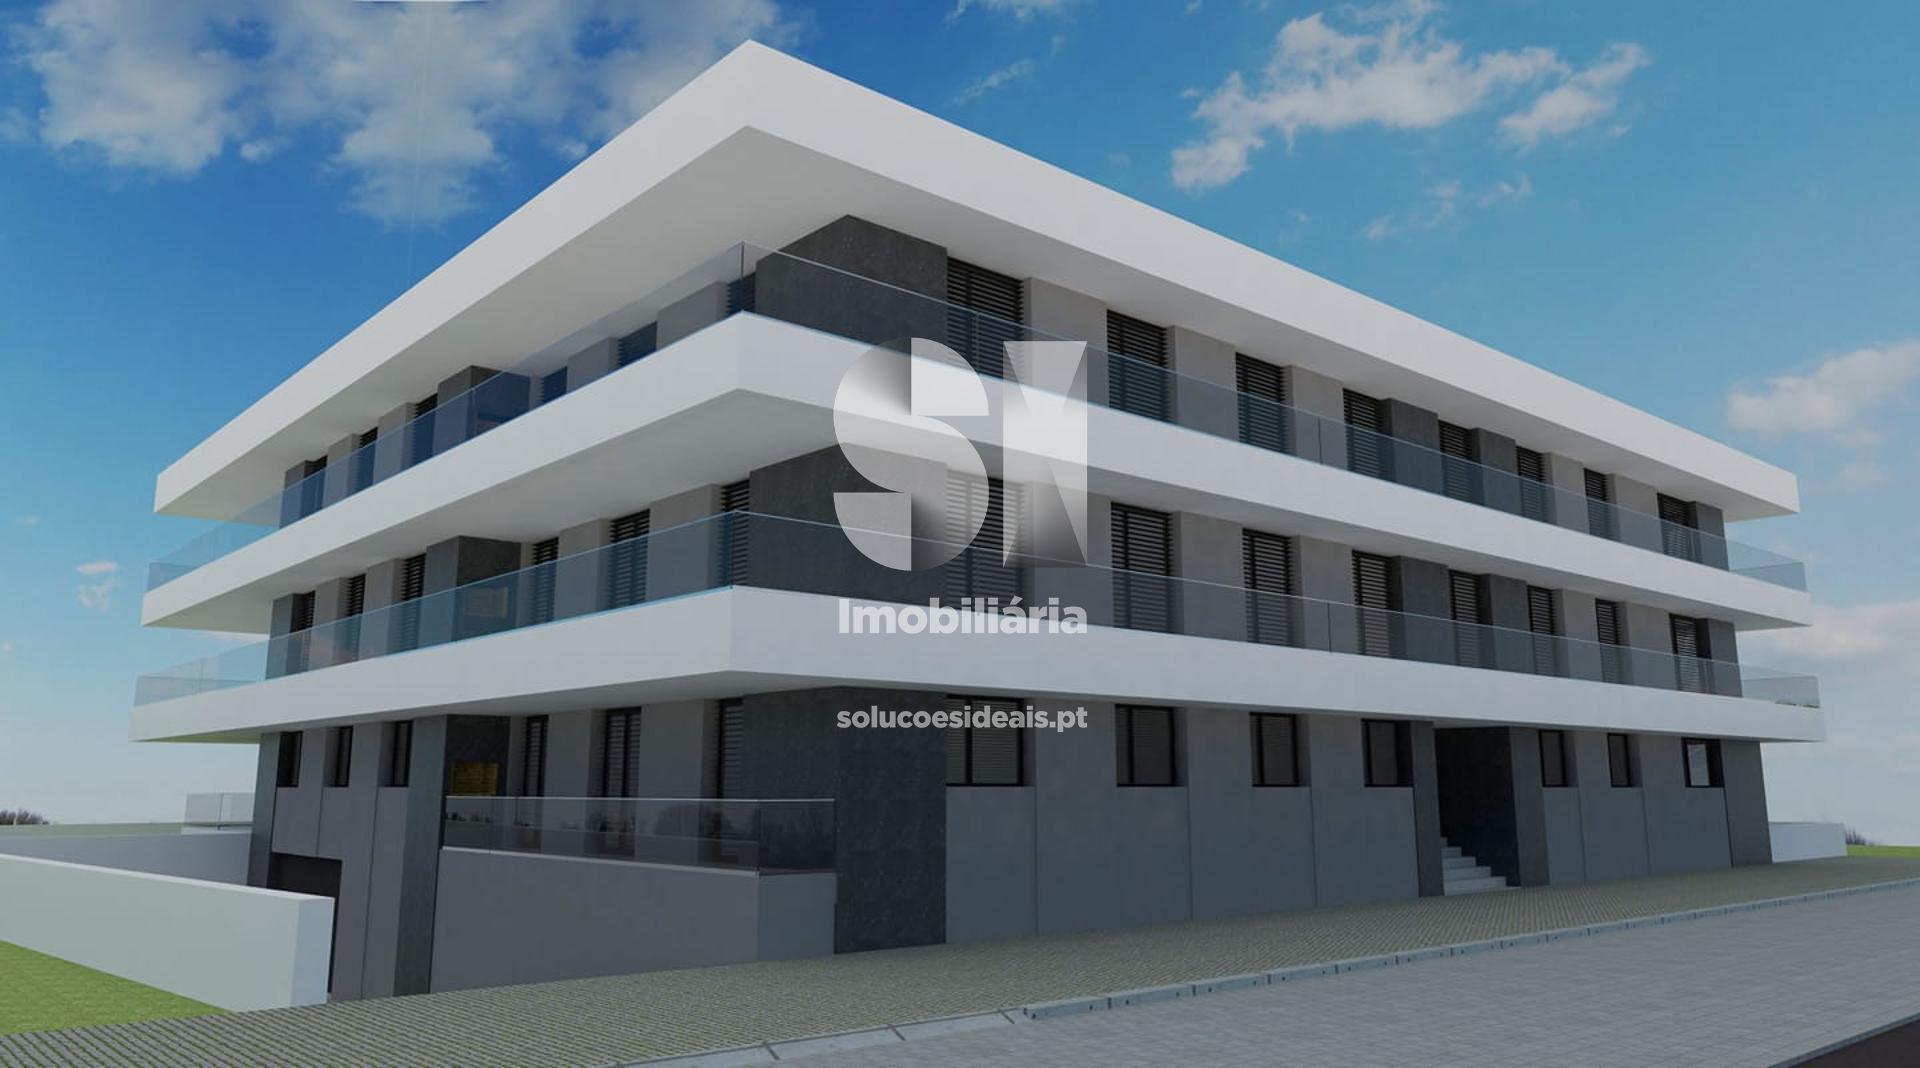 apartamento t3 para compra em condeixaanova uniao das freguesias de sebal e belide CDXPF2269_2